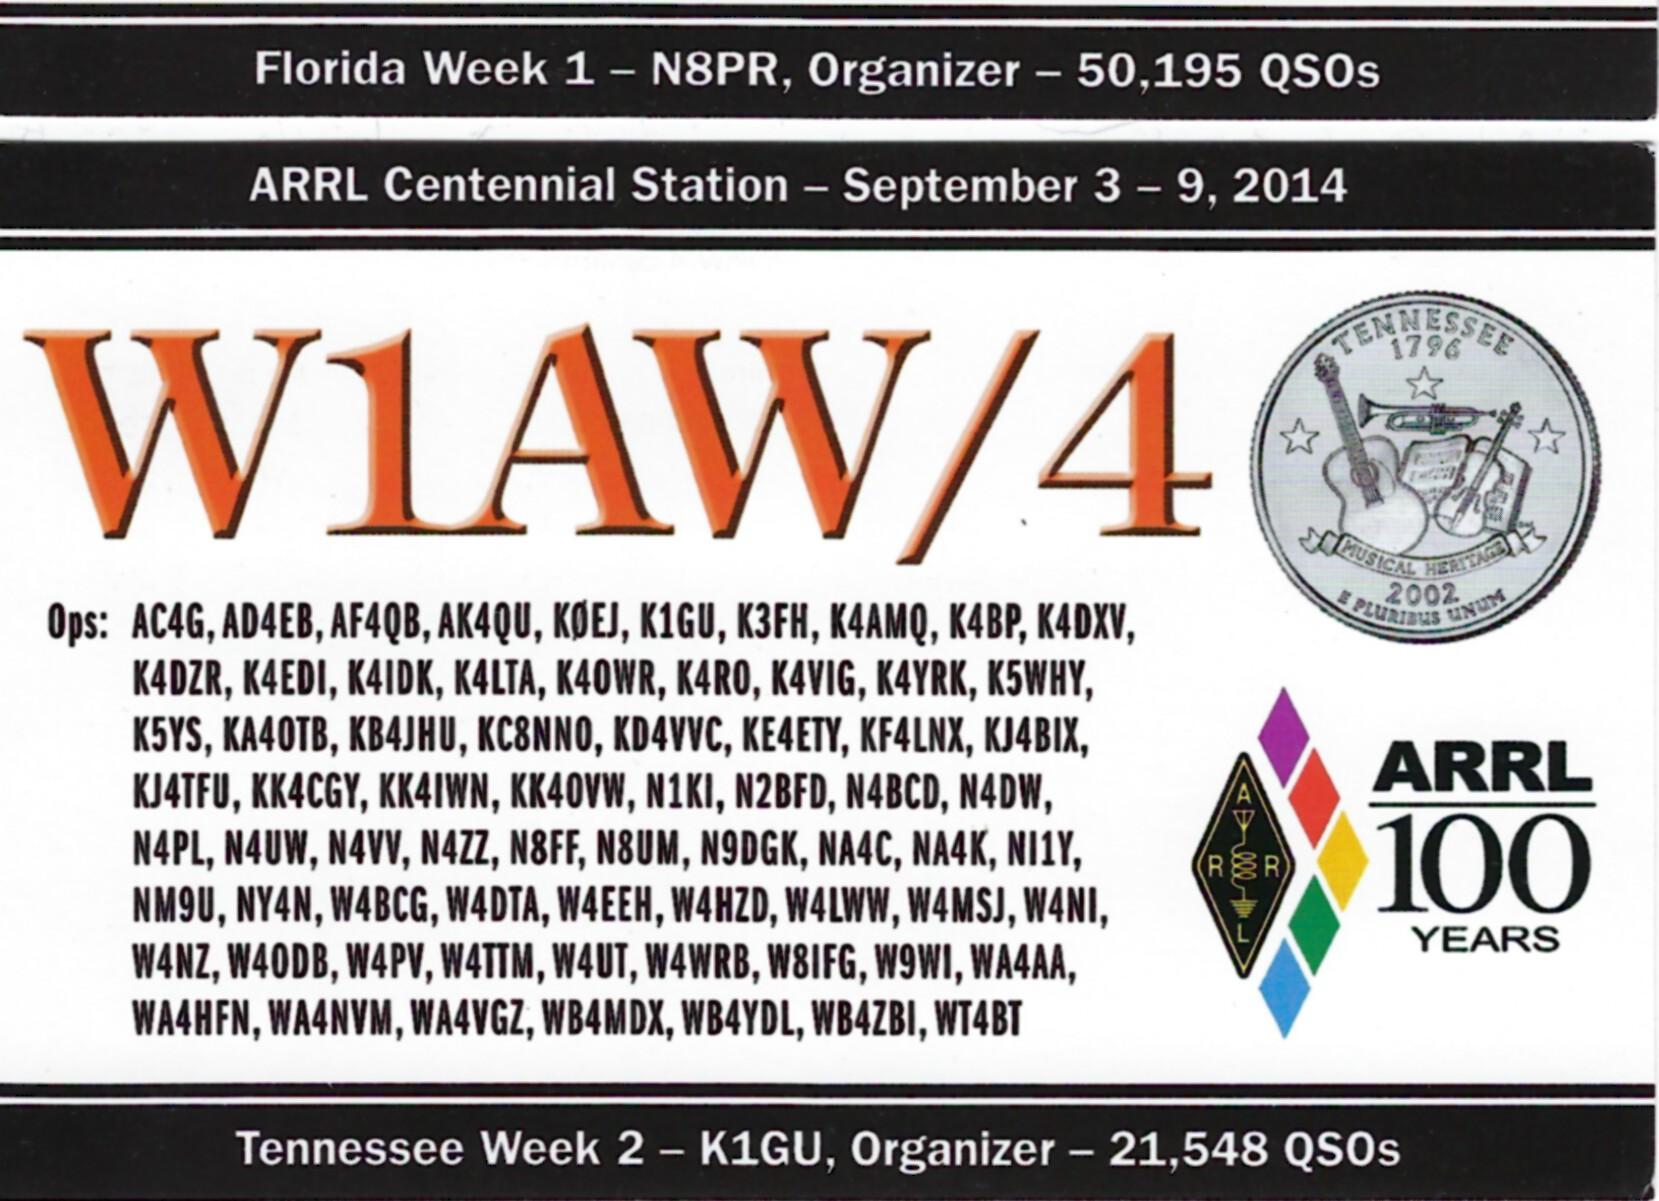 W1AW-4 TN2